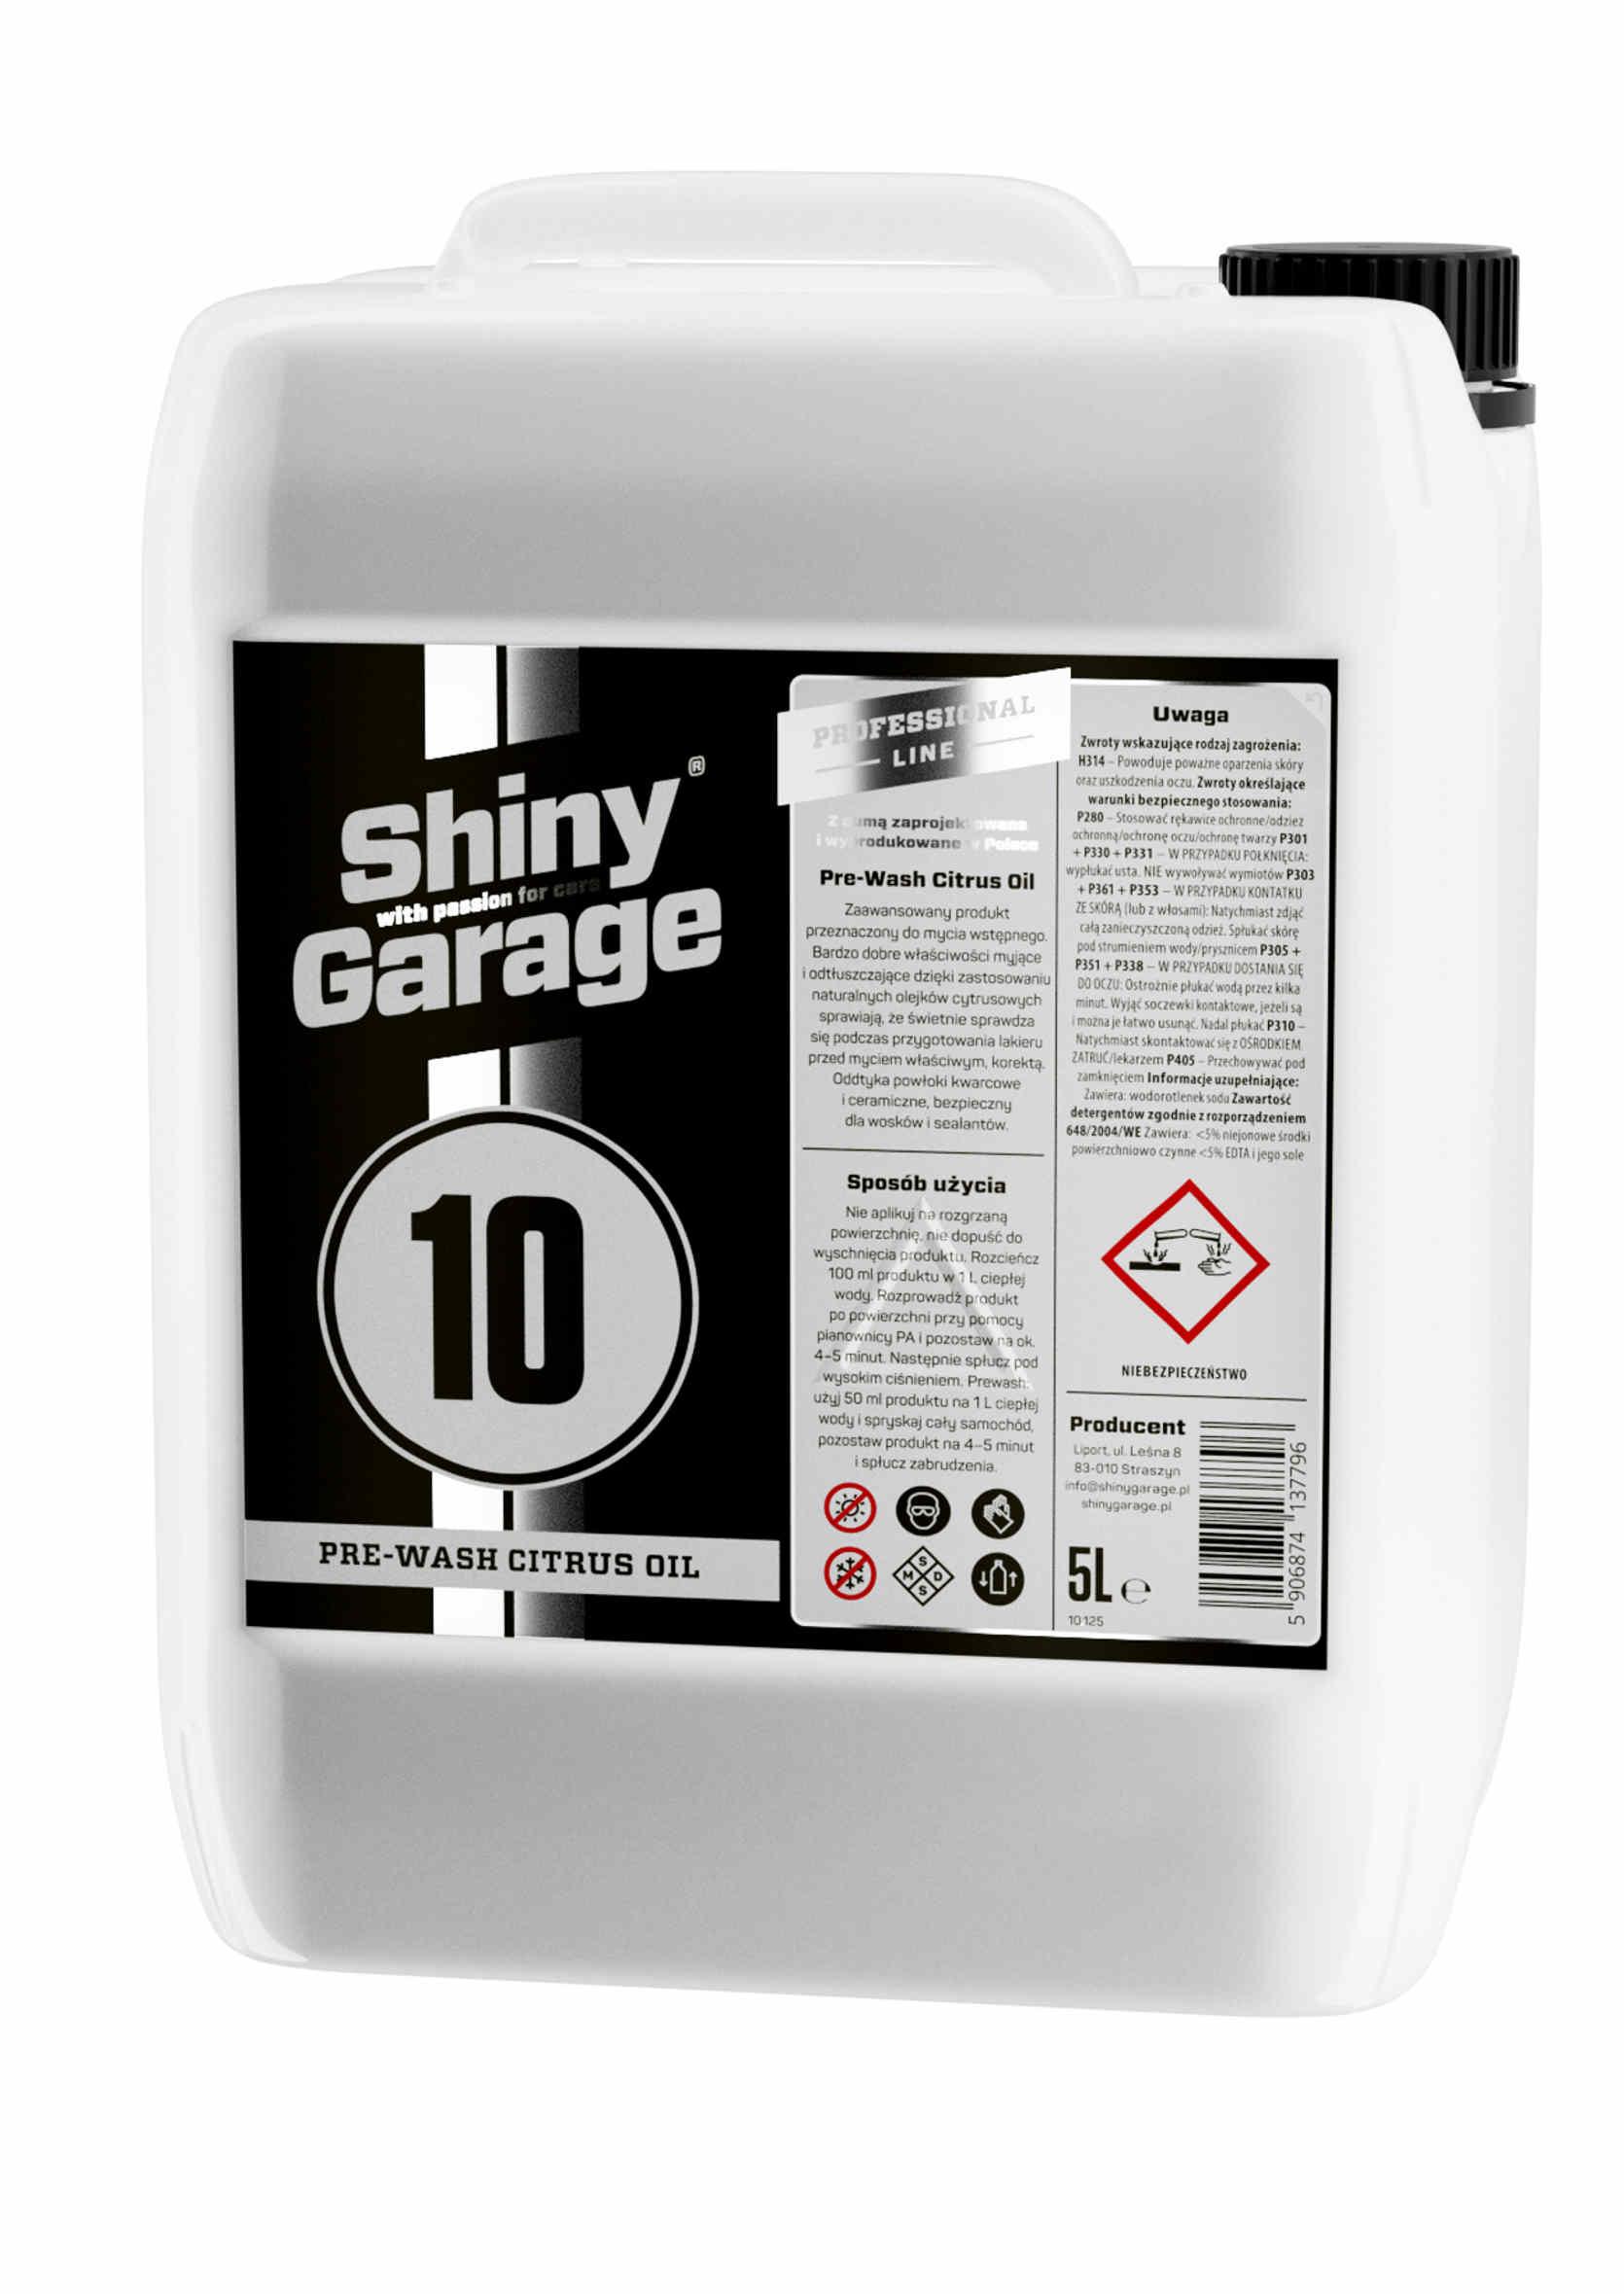 Shiny Garage Pre-Wash Citrus Oil Płyn do Mycia Wstępnego Odtłuszczający 5L